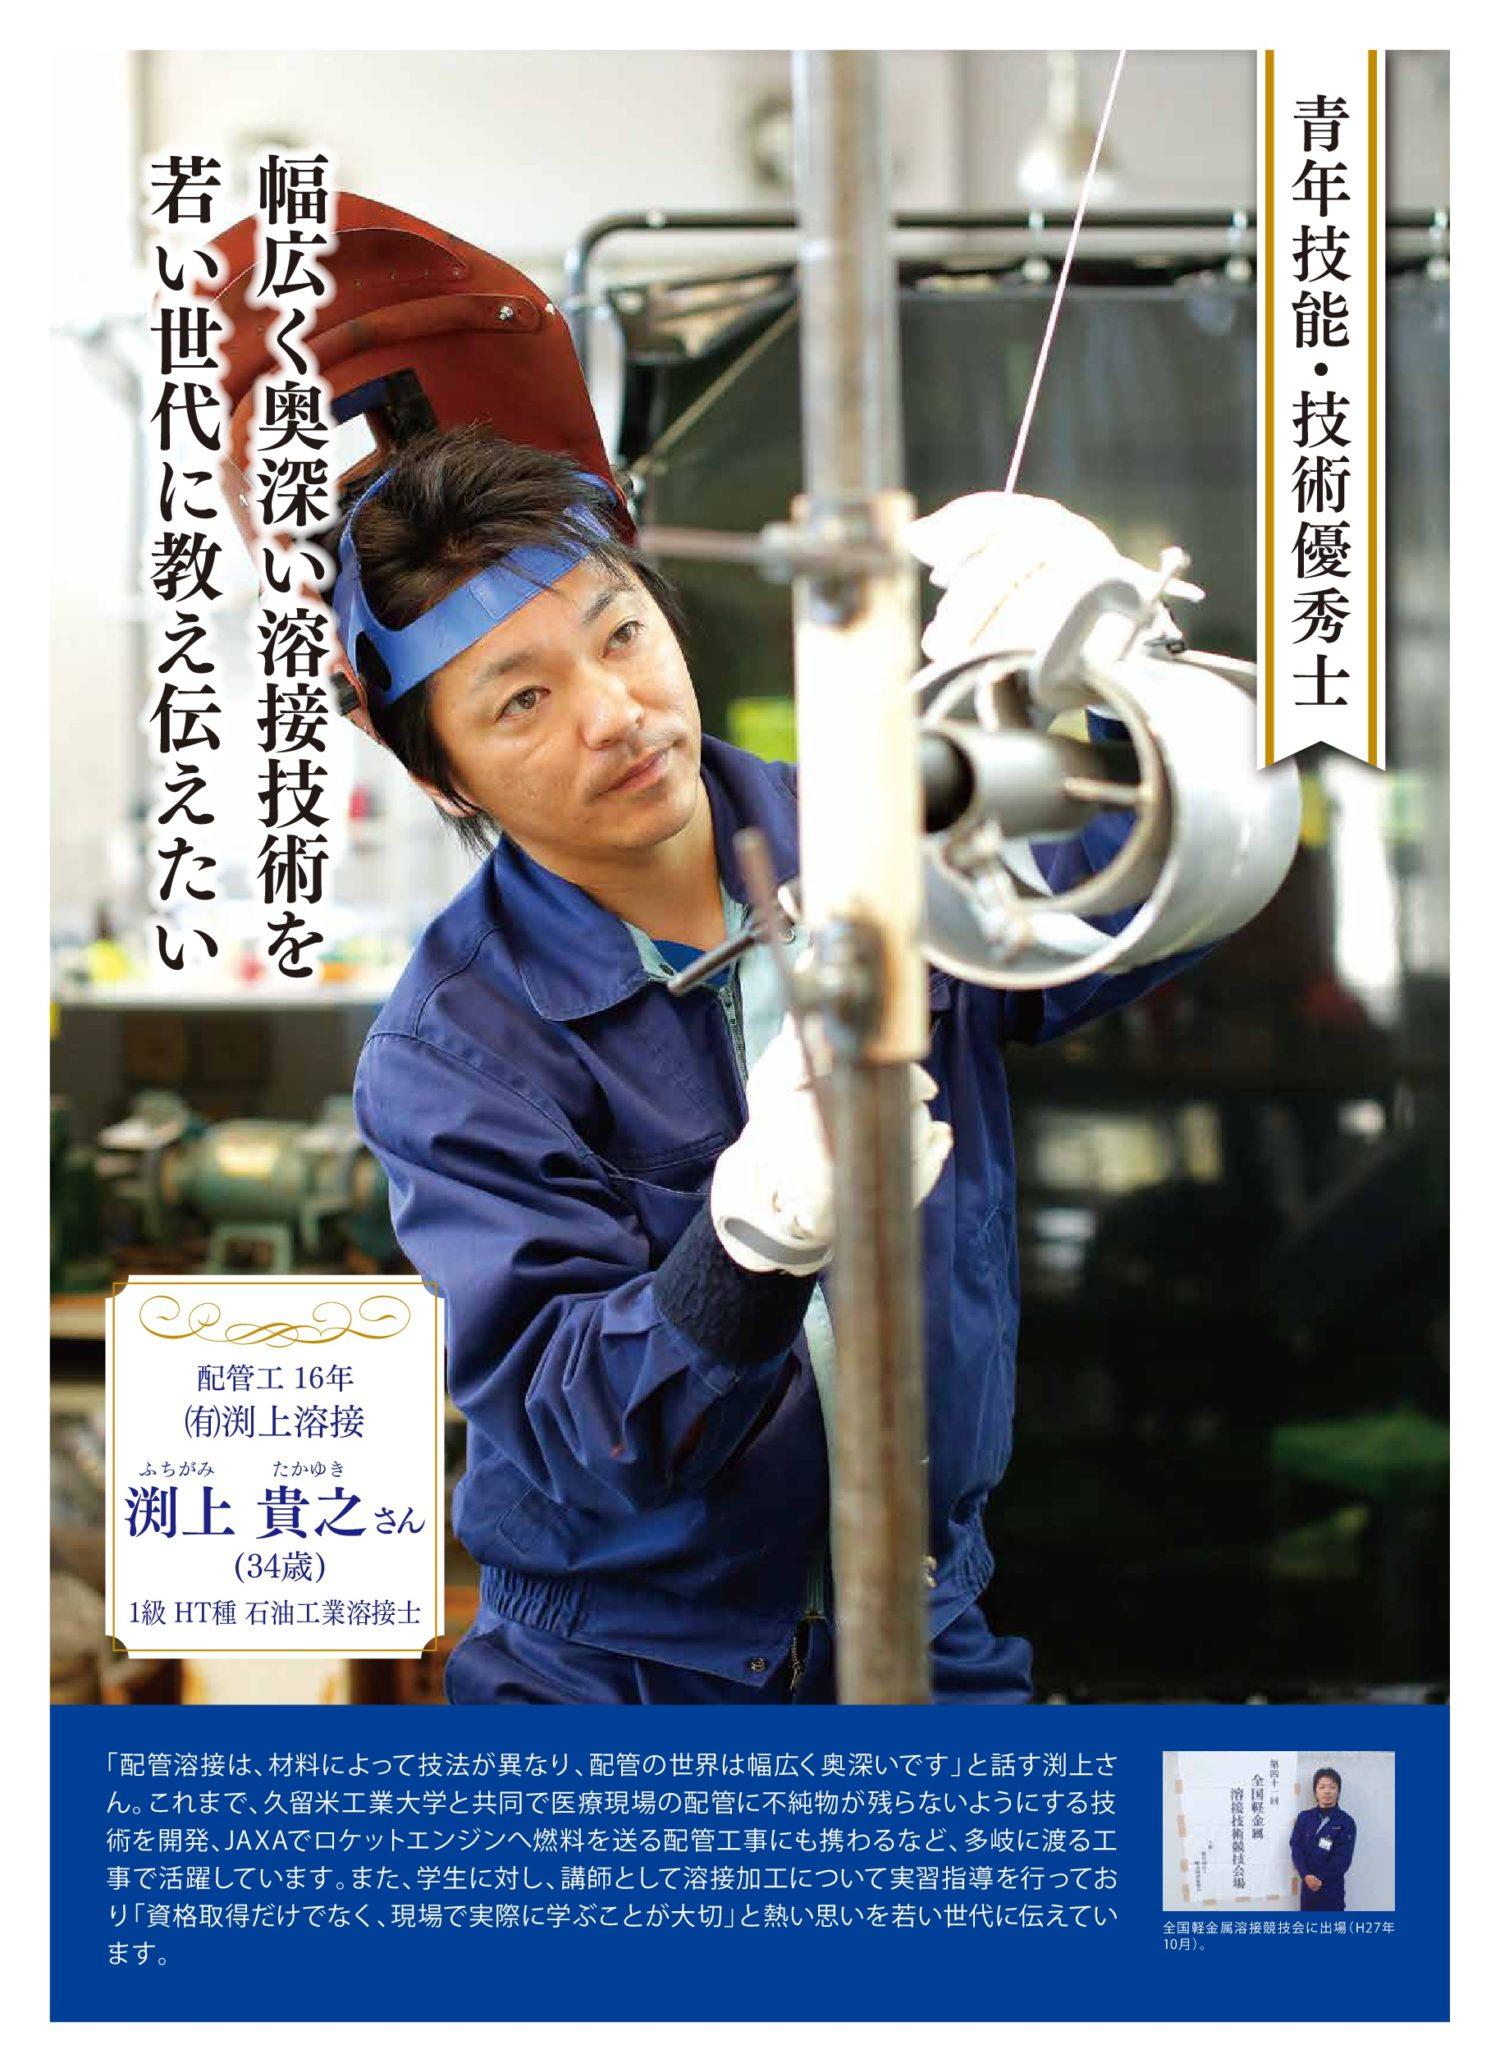 【久留米のキラキラさん】全国軽金属溶接技術競技会の一部門で1位になった渕上貴之さん